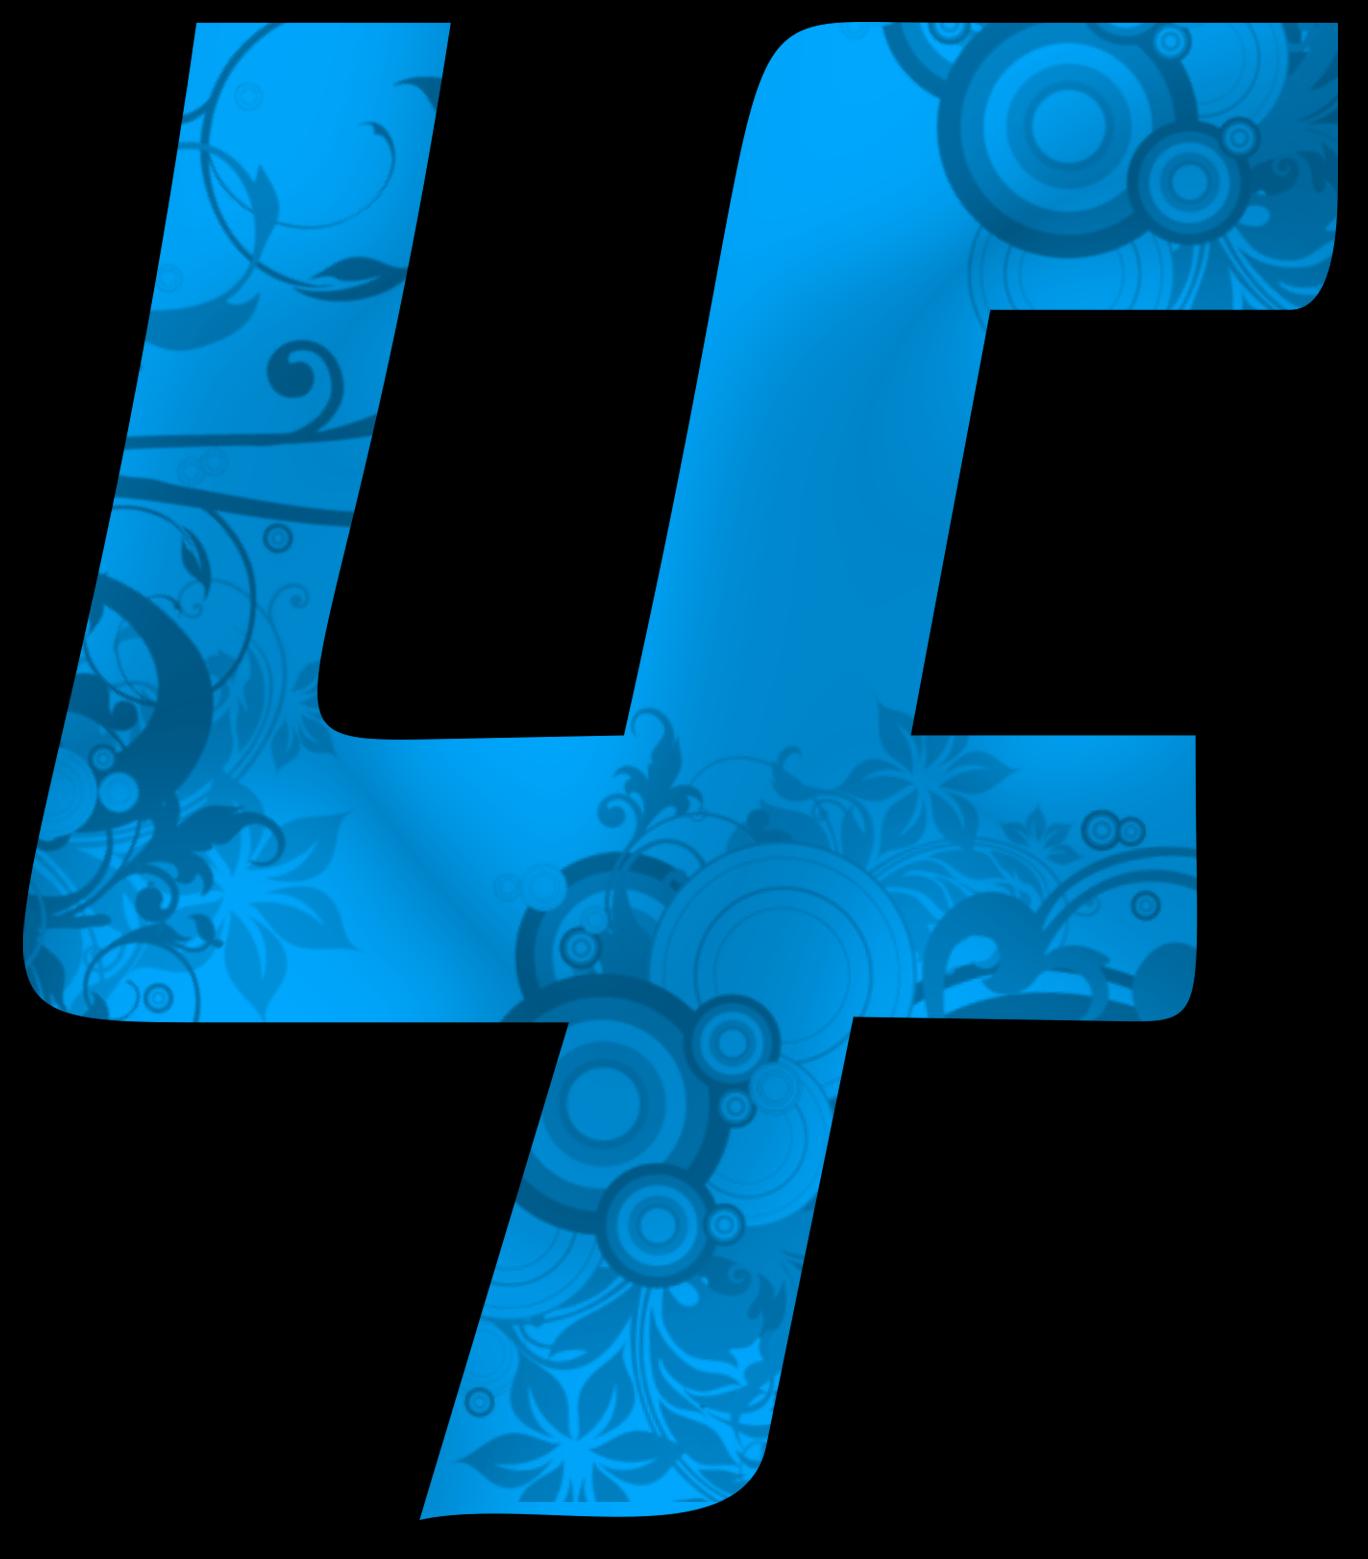 Contoh Kartu Nama: Frontline Blog: Membuat Logo, Kartu Nama Dan Icon Untuk